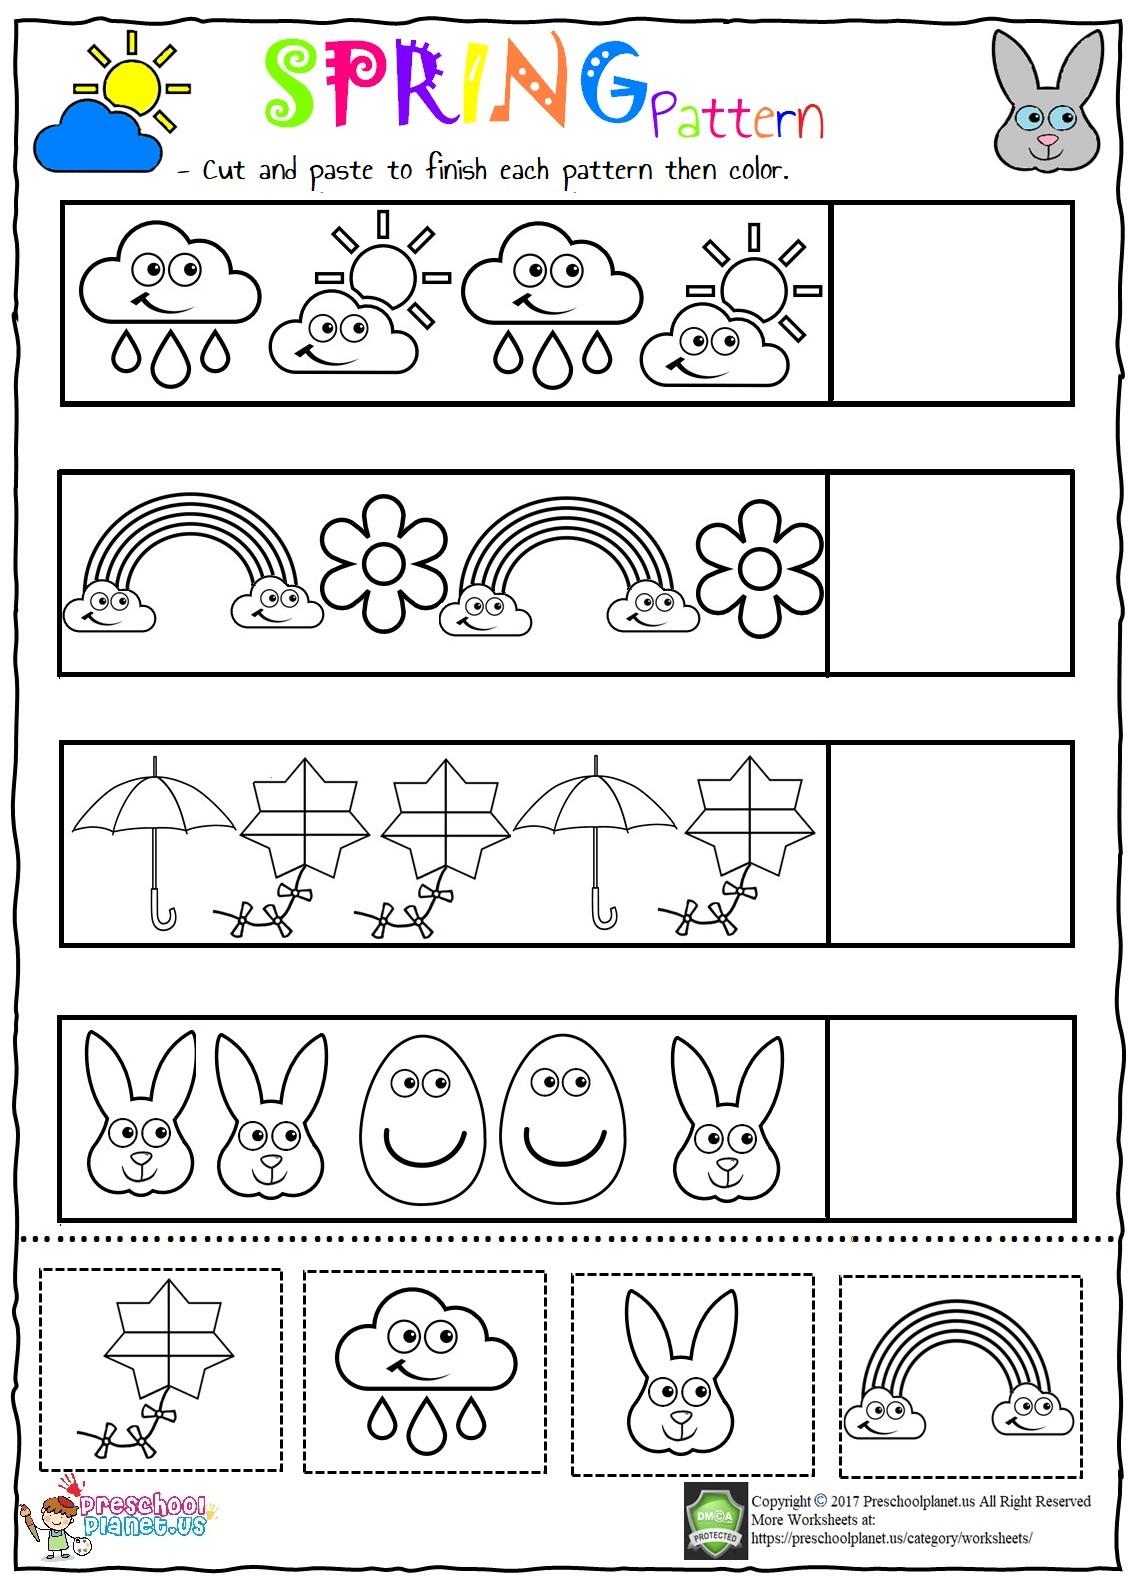 Valentine's day pattern worksheet for kids - Preschoolplanet